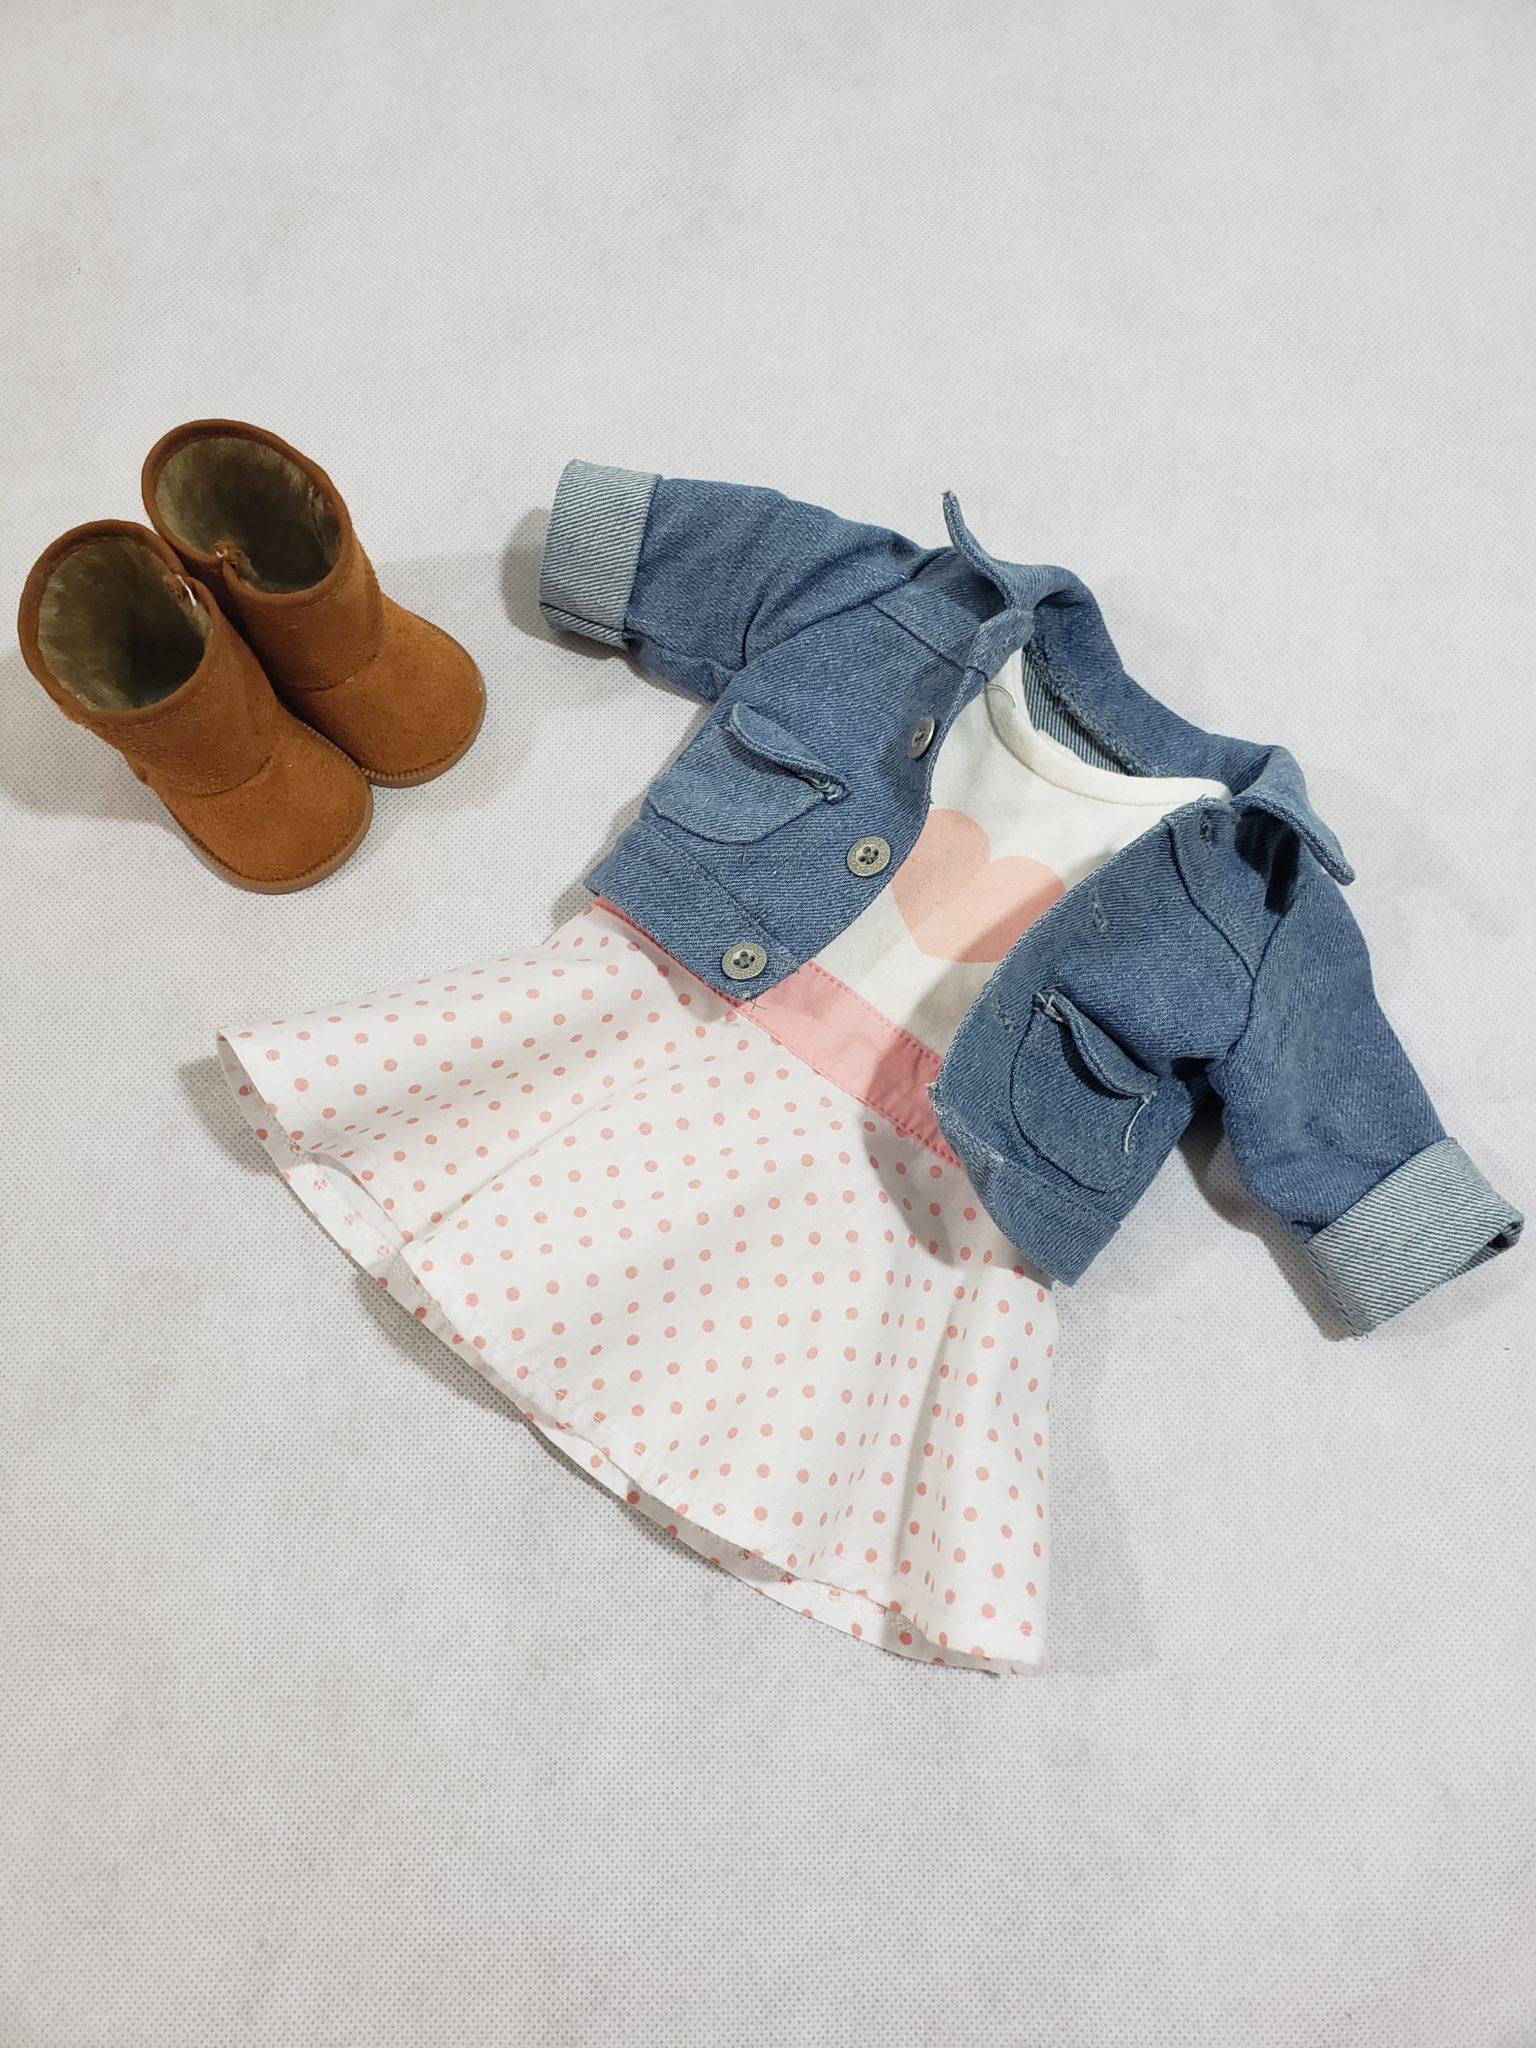 Malia outfit